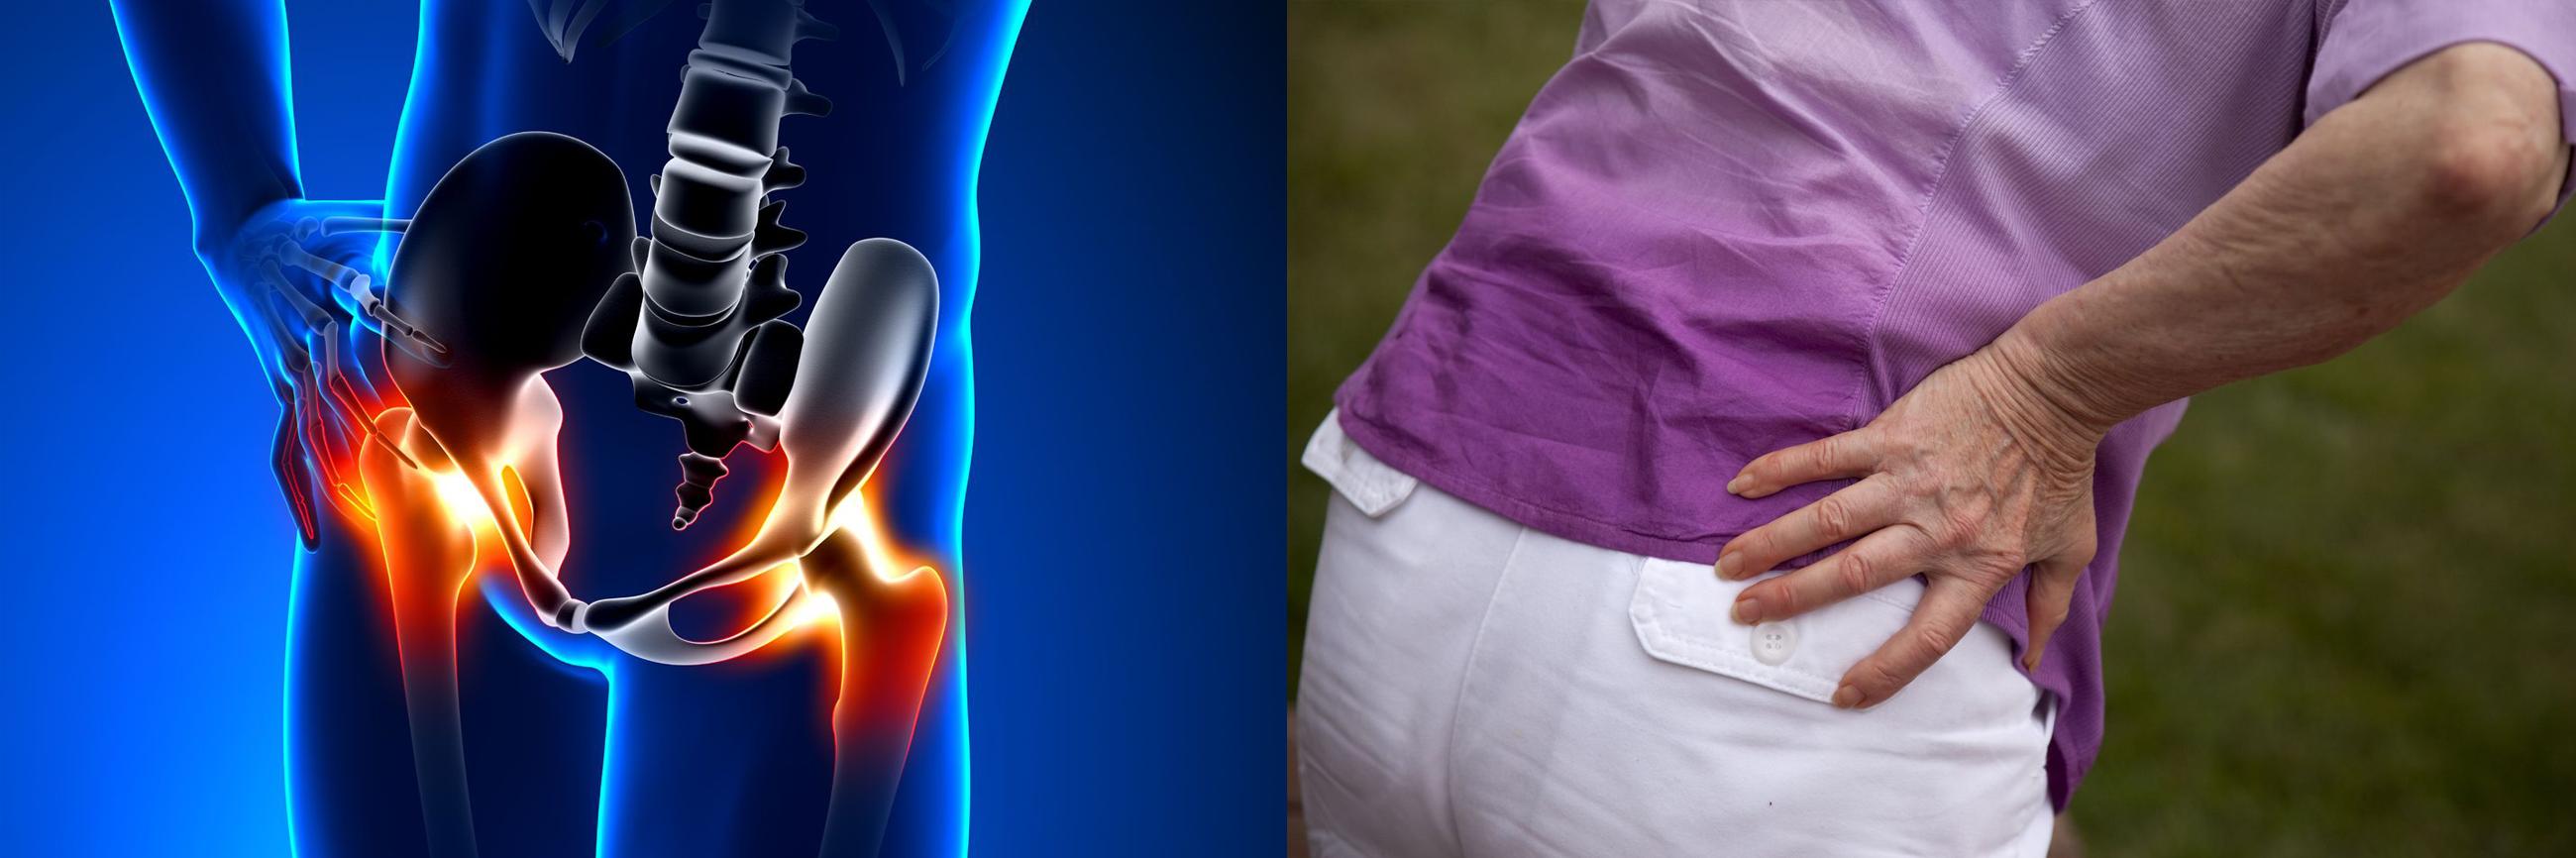 kompresszorok ízületi fájdalom esetén az artrózis és az artritisz kezelési módszereiről szól